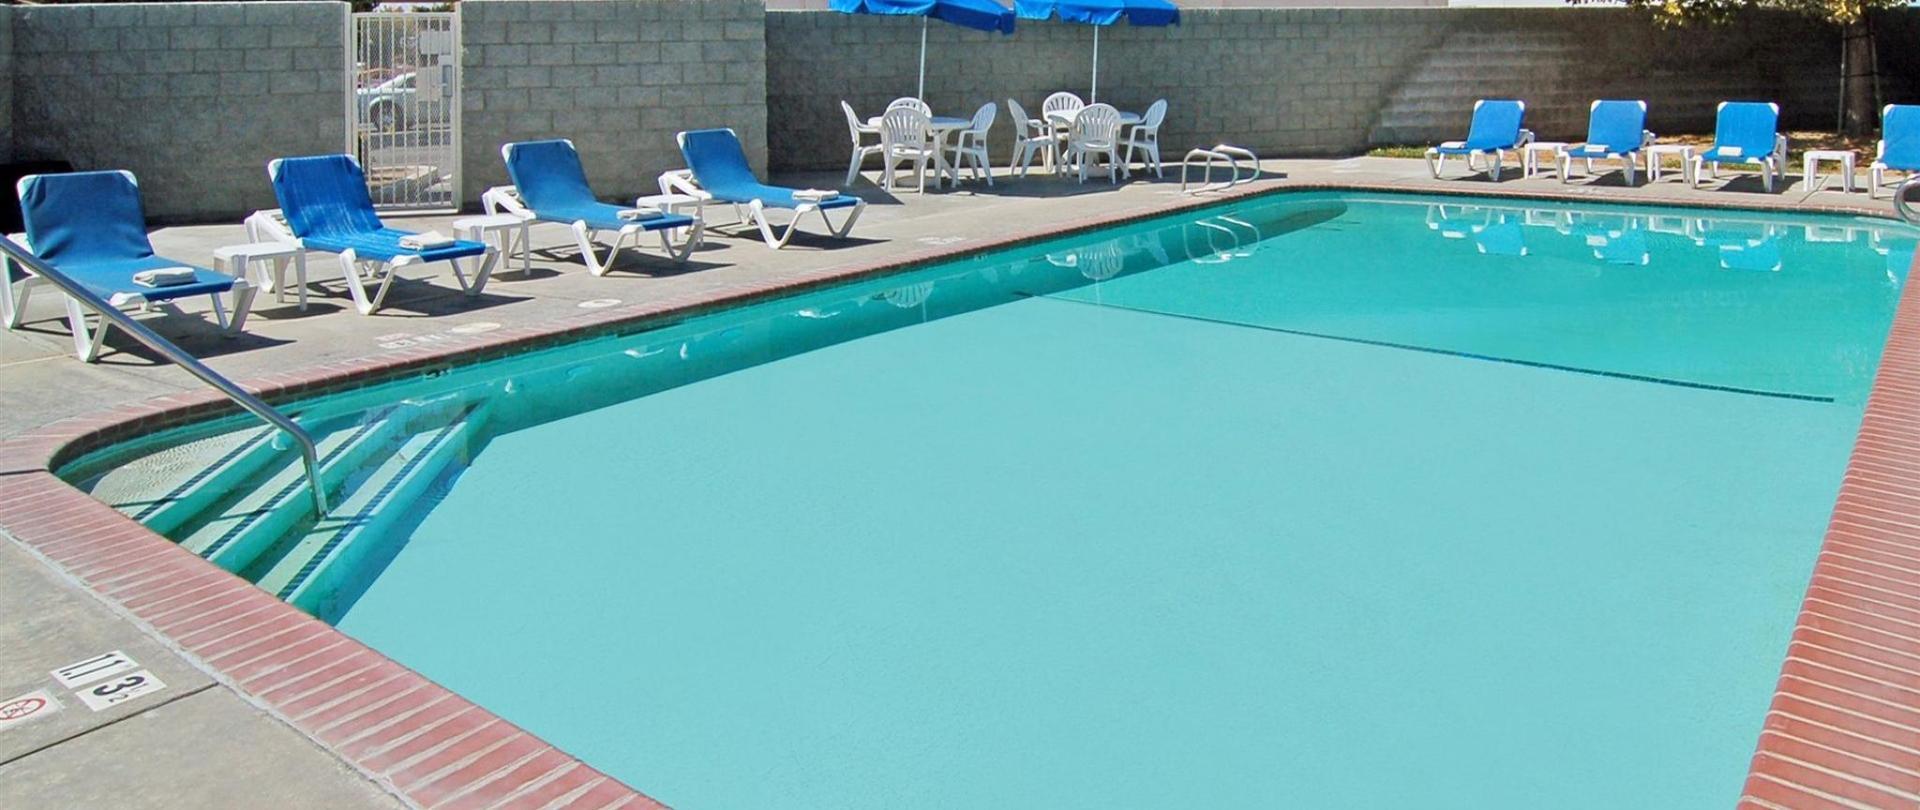 ca824-pool2.jpg